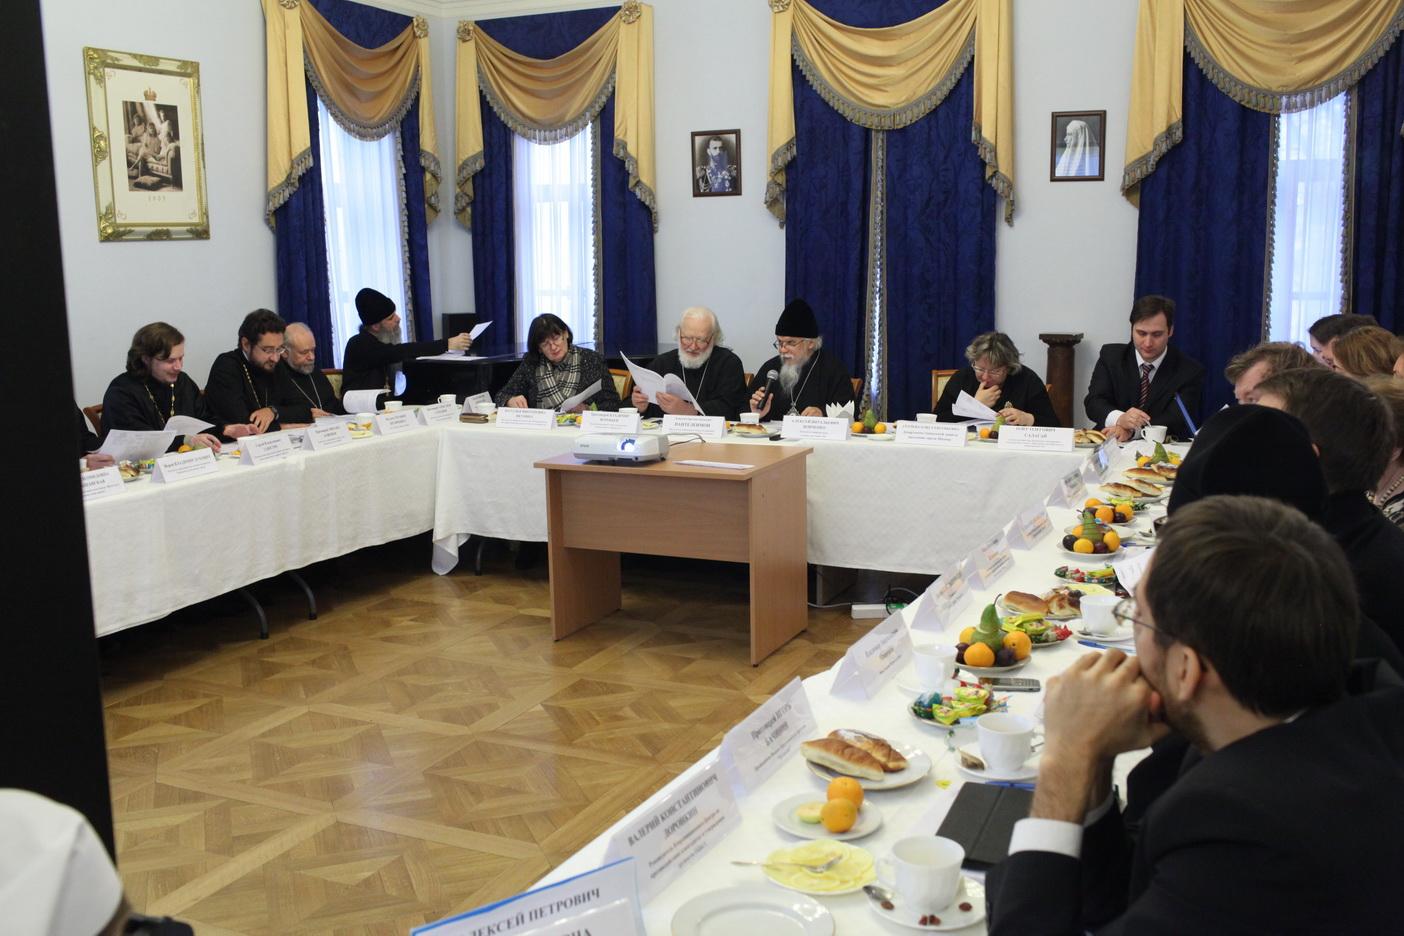 Заседание коллегии Синодального отдела по благотворительности в Марфо-Мариинской обители